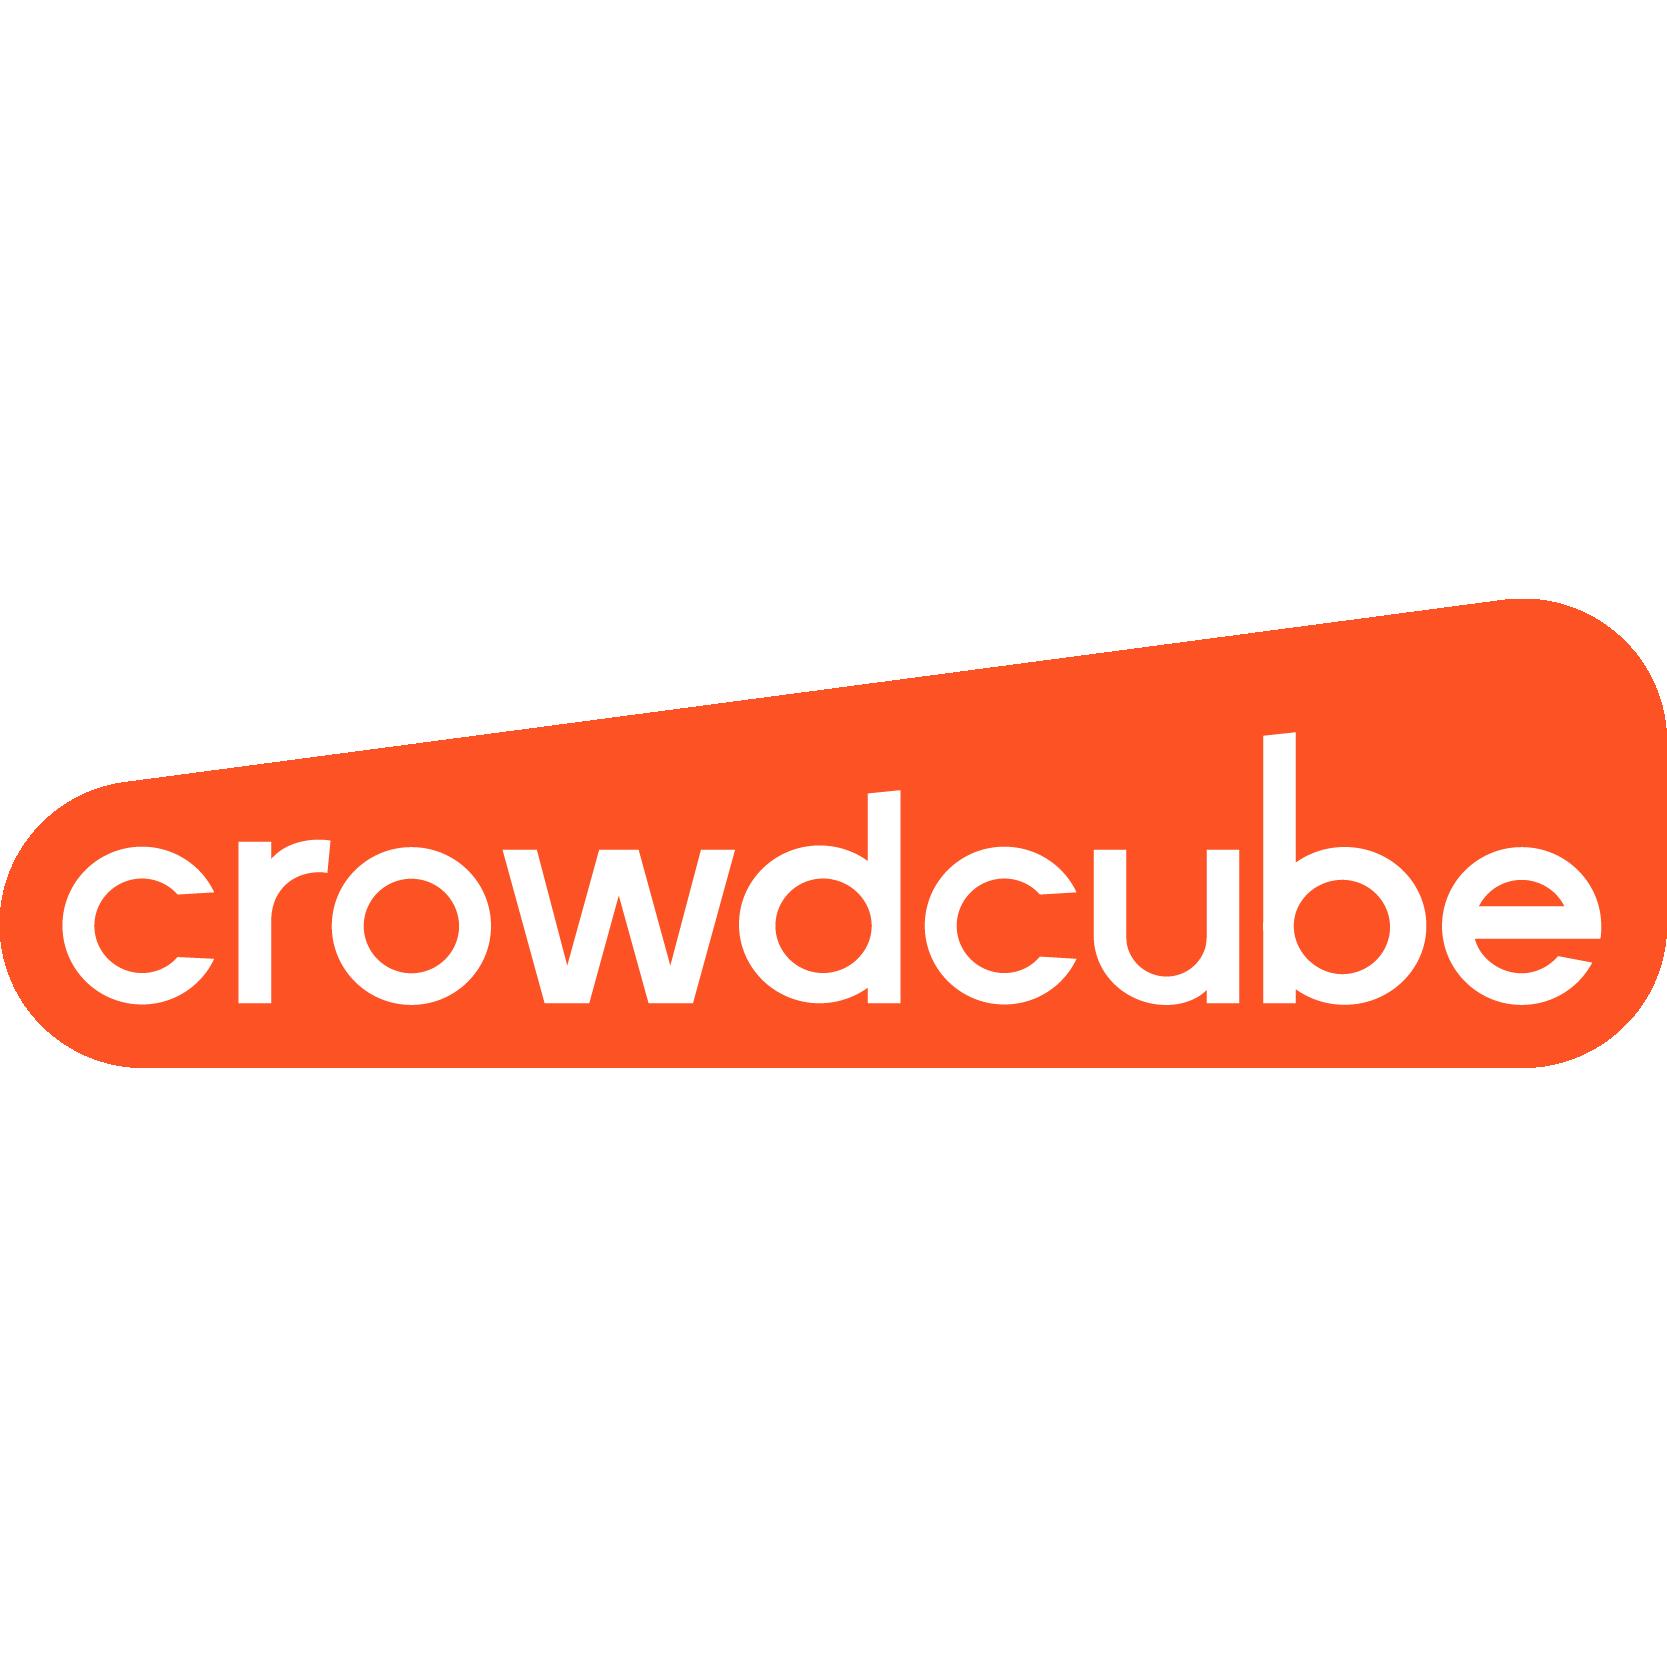 Crowdcube's logo